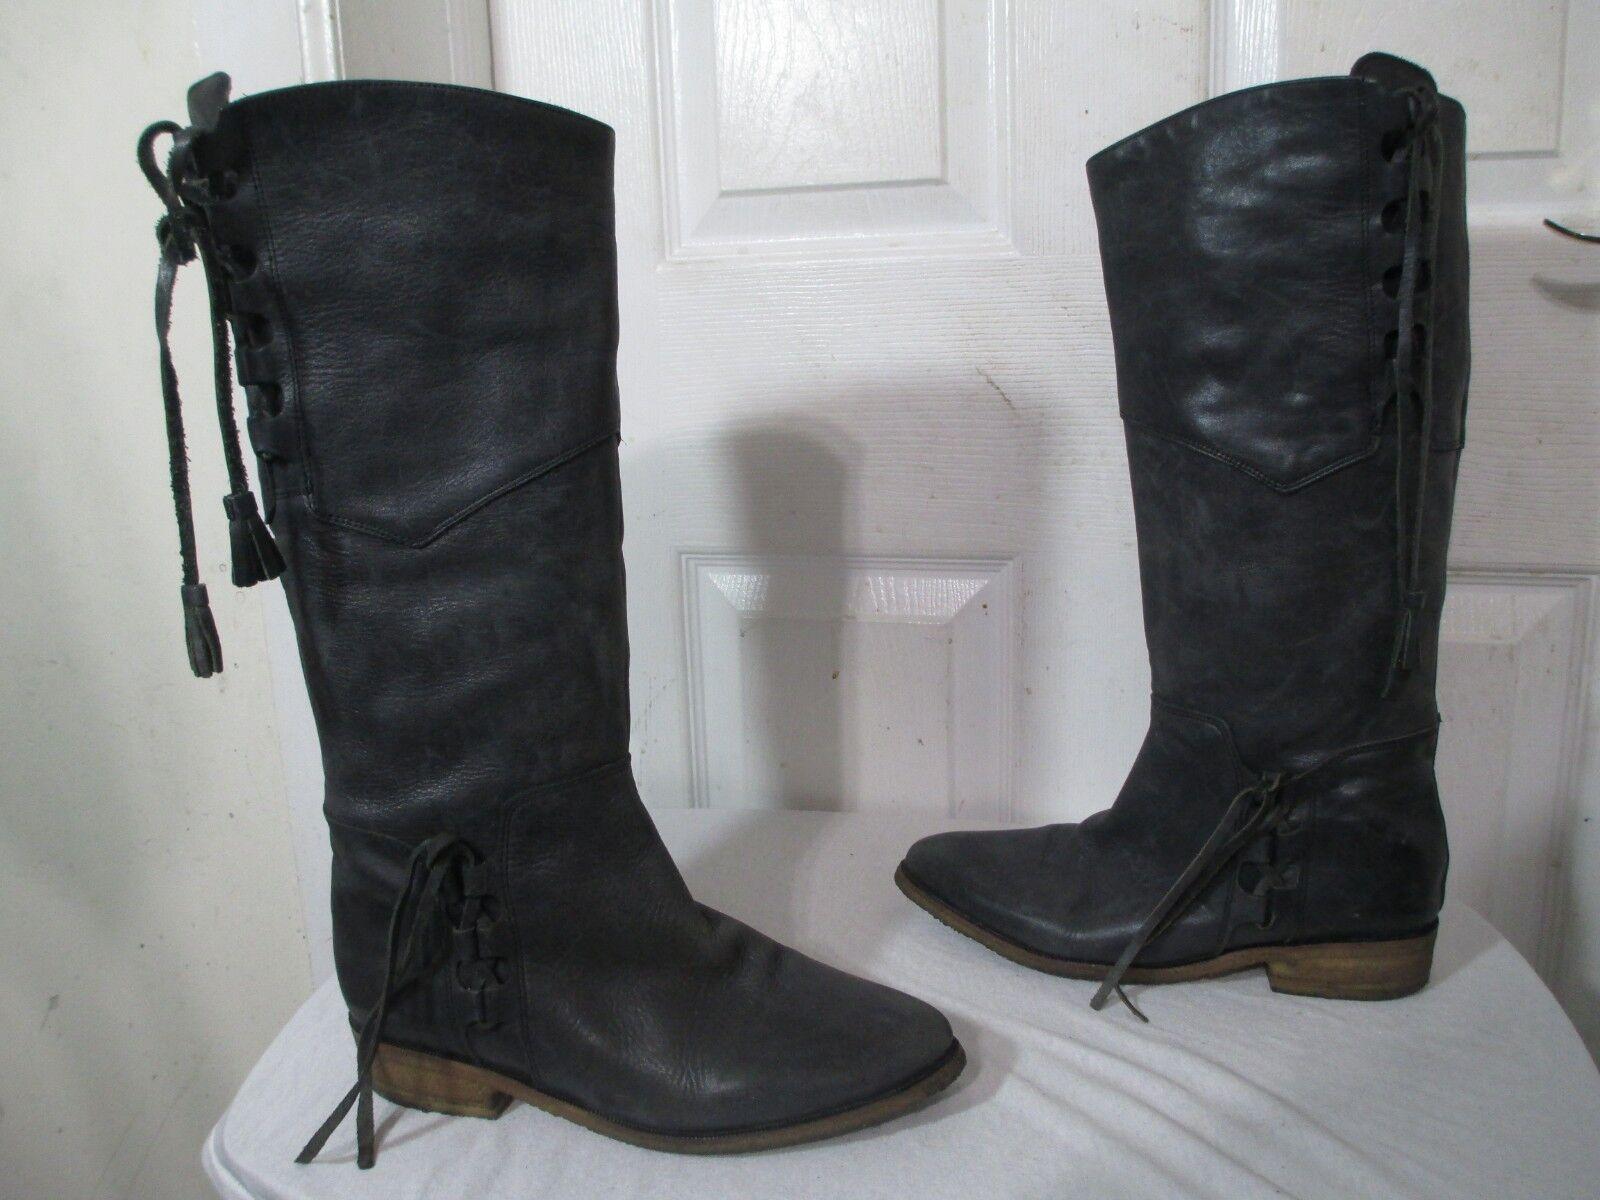 COQUETERRA DONNE _SNAVY Leather KNEE ALTO avvio  E 40 USA 9.5 E  buona qualità